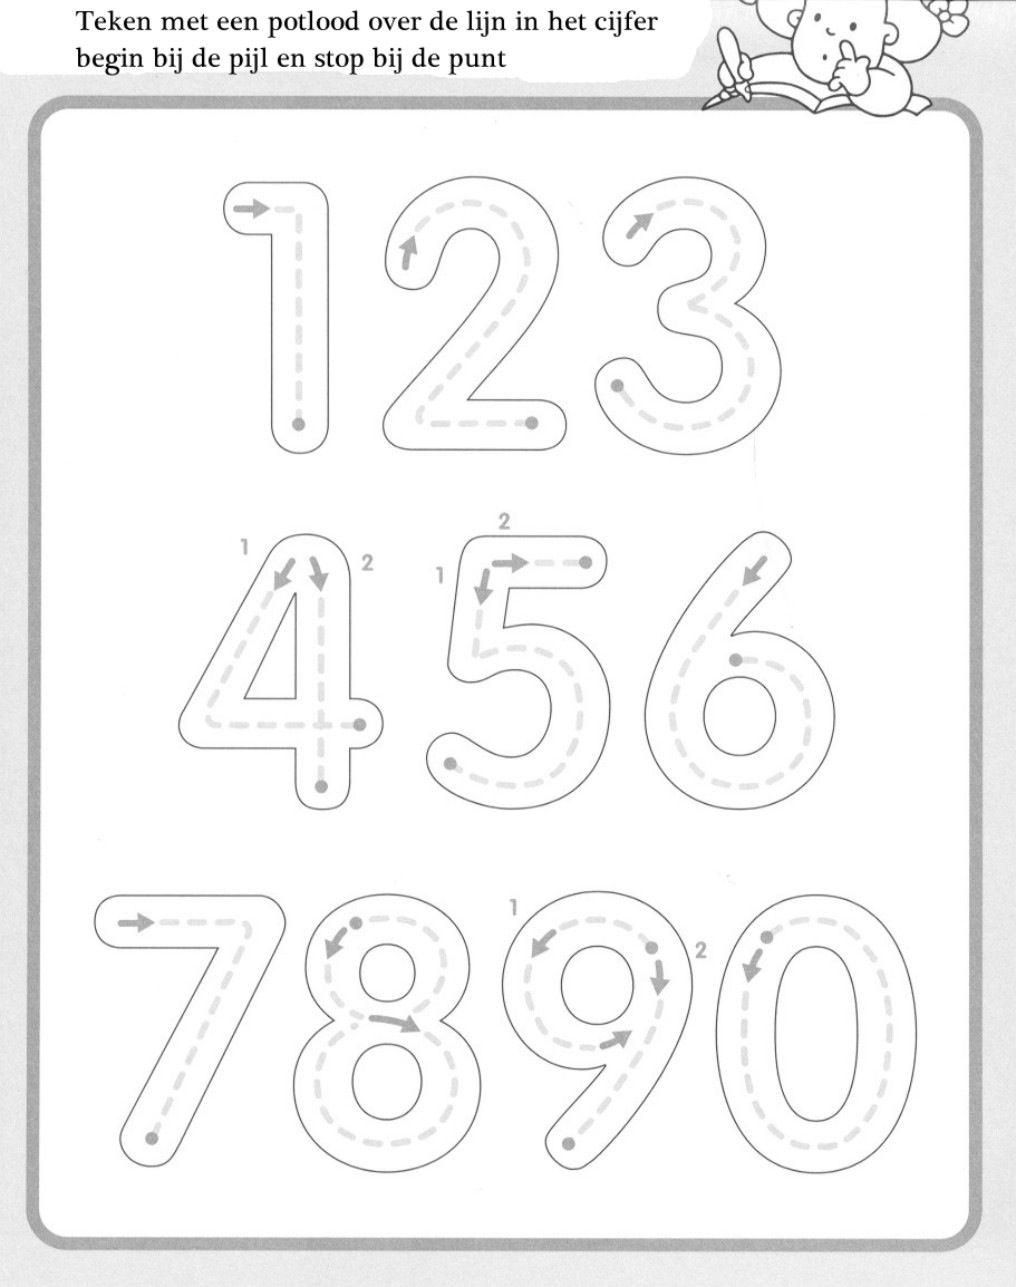 Cijfers schrijven 0 t/m 9